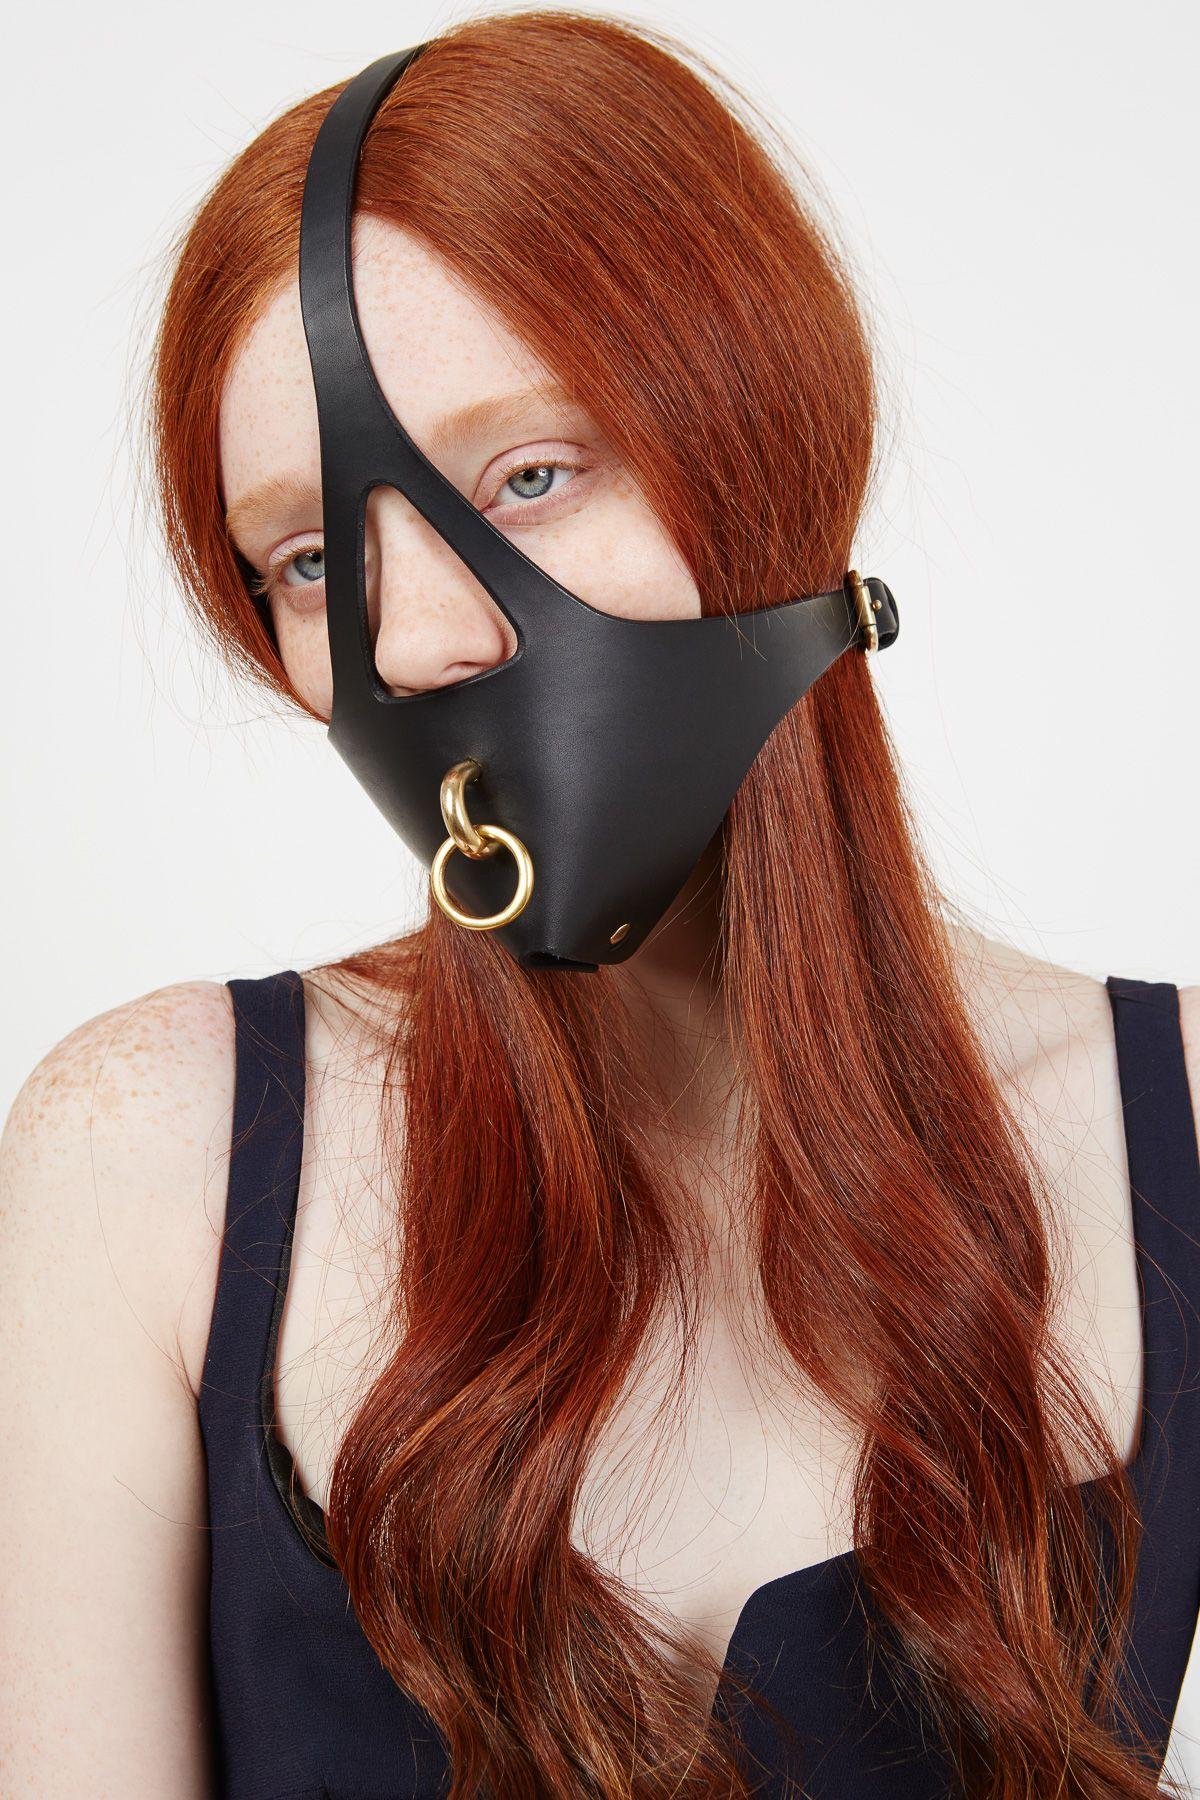 Fleet Ilya Muzzle Mask - WOMEN - Accessories - Fleet Ilya ...